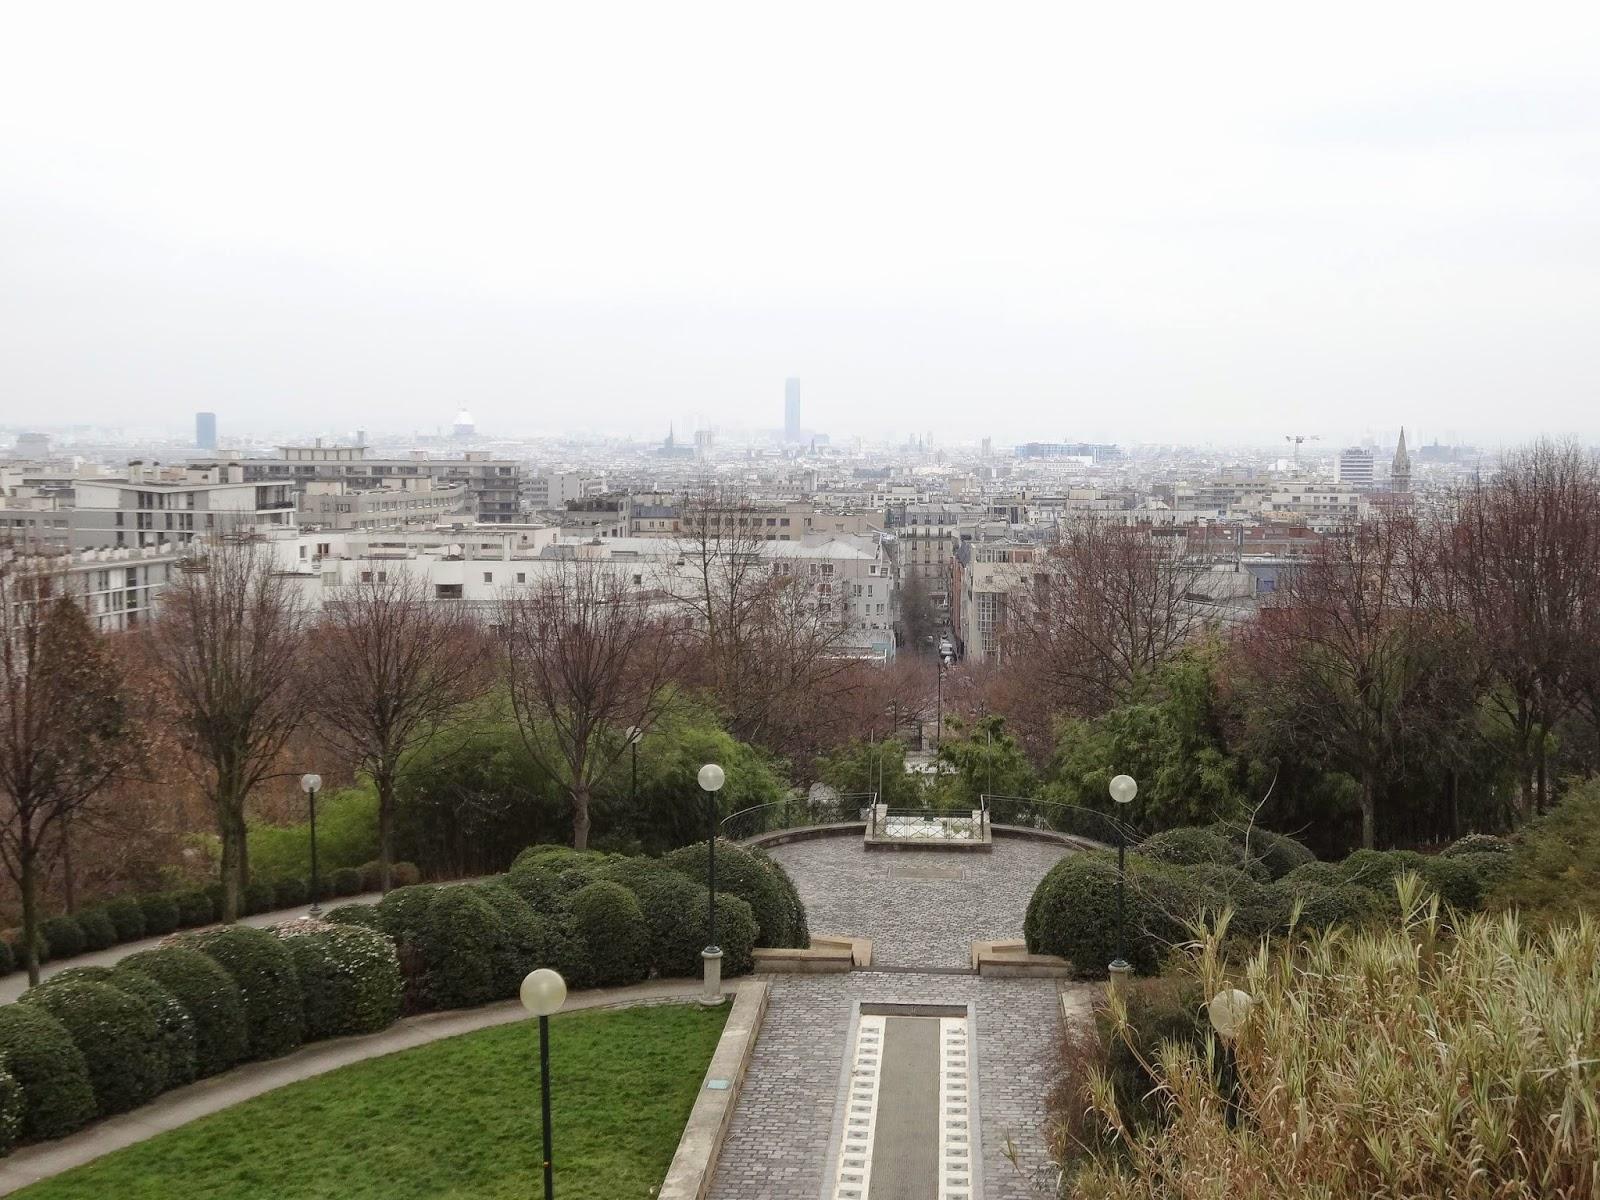 Le blog de parcs et jardins de l 39 oise promenade dans le - Parcs et jardins de paris ...